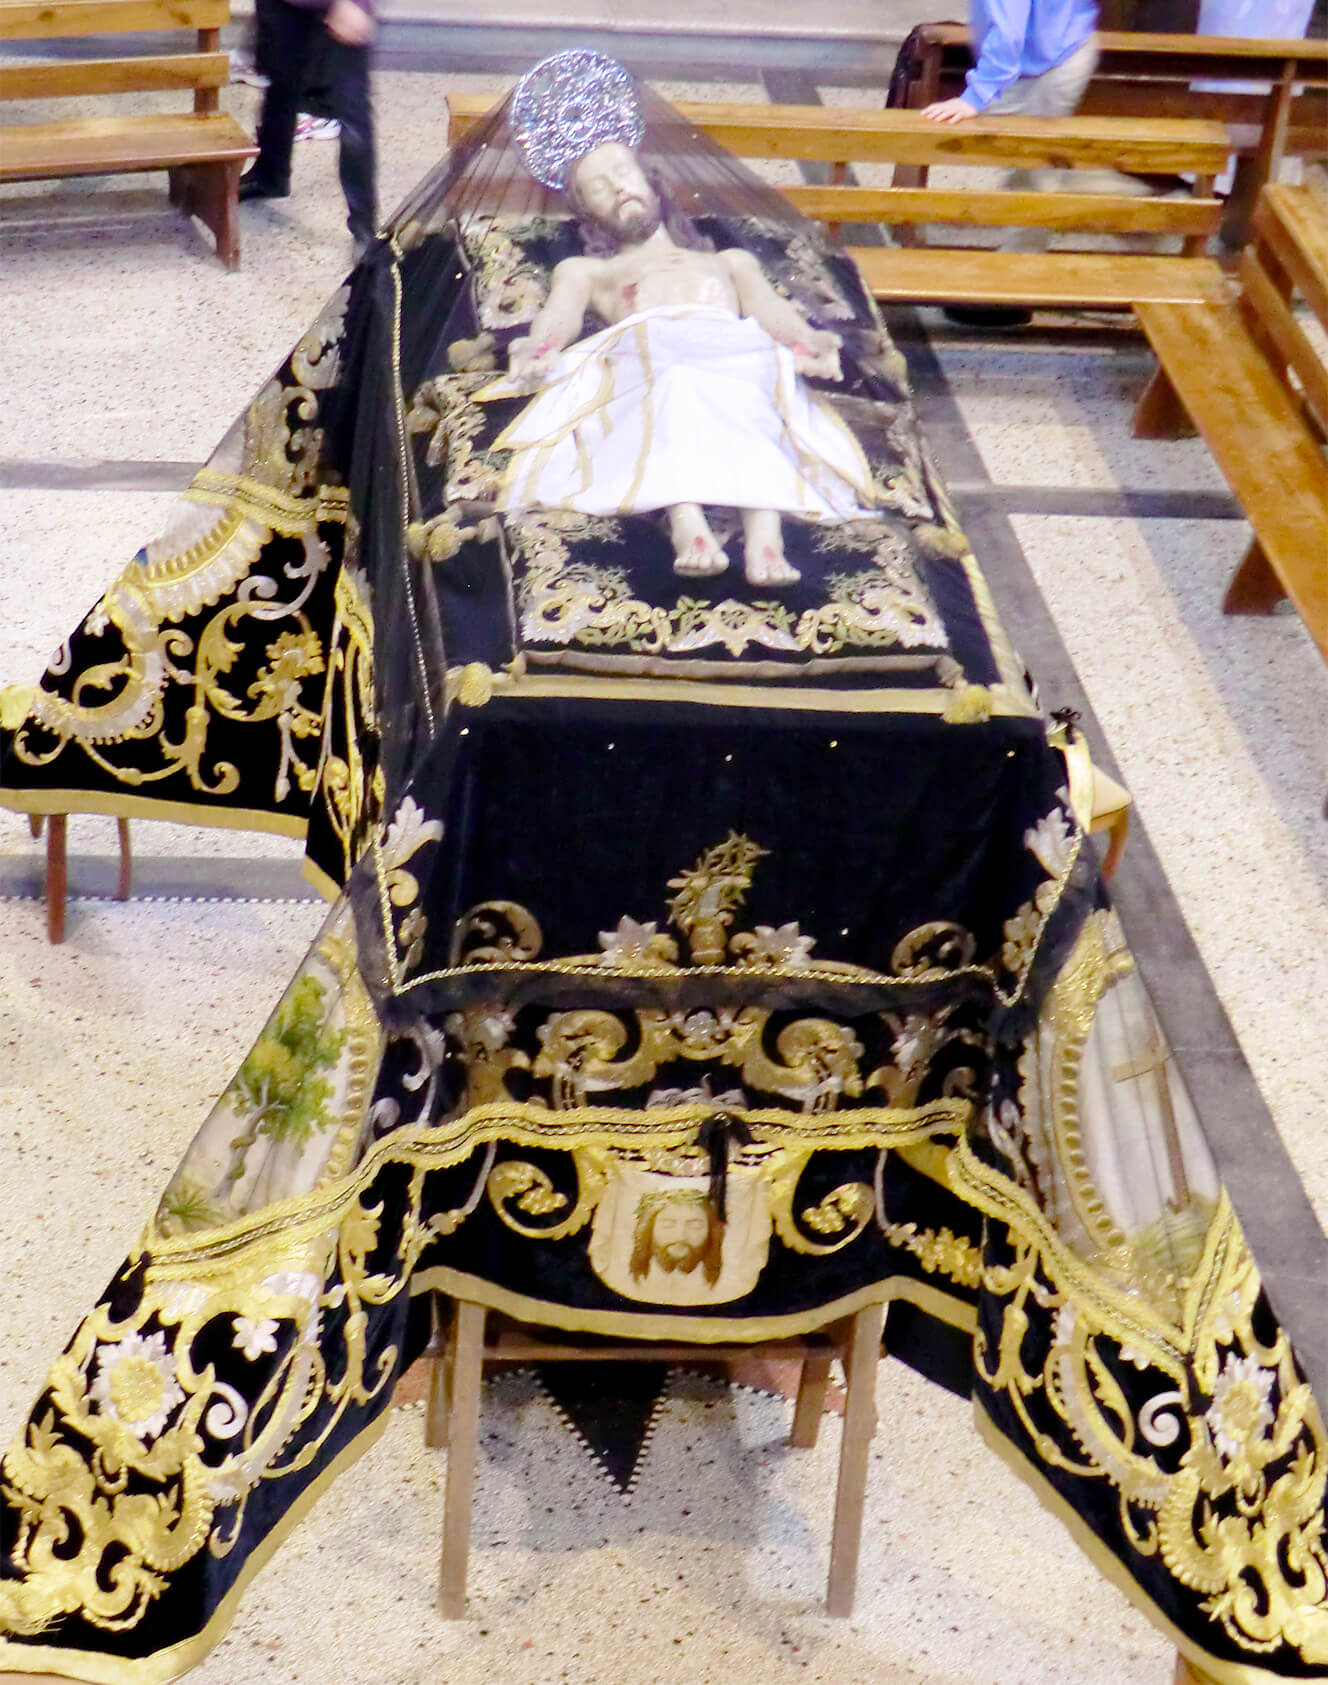 """Drappo detto """"Manto del Cristo morto"""" - in velluto tagliato liscio di colore nero con ricami in filo di seta policromo ed in filato metallico. Parrocchia Annunciazione del Signore, Penne (PE)"""